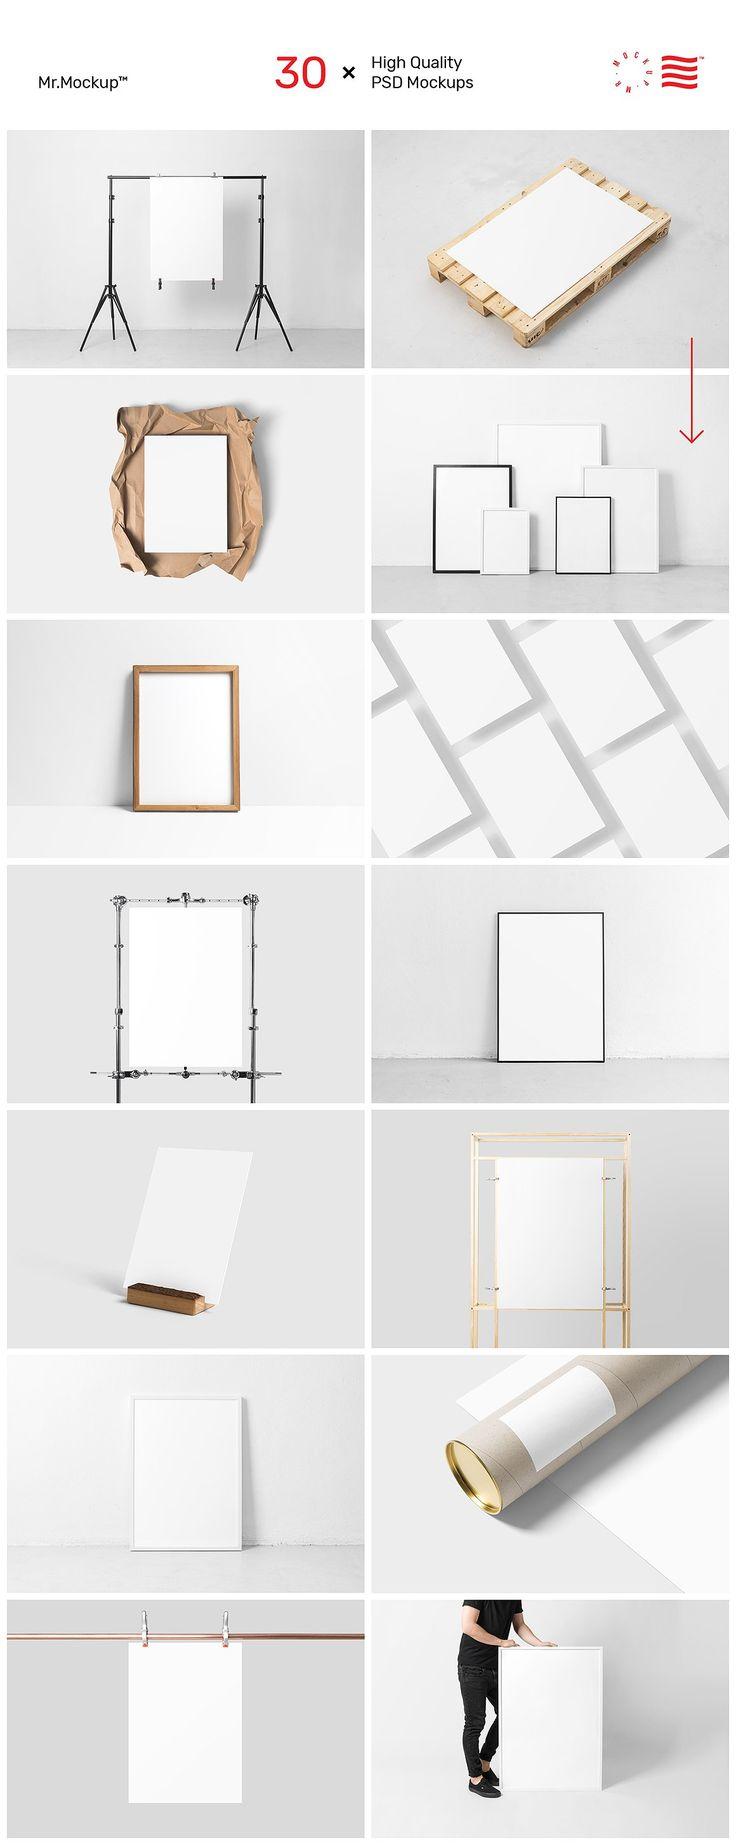 Poster Mockups - Studio Scene by Mr.Mockup™ on @creativemarket